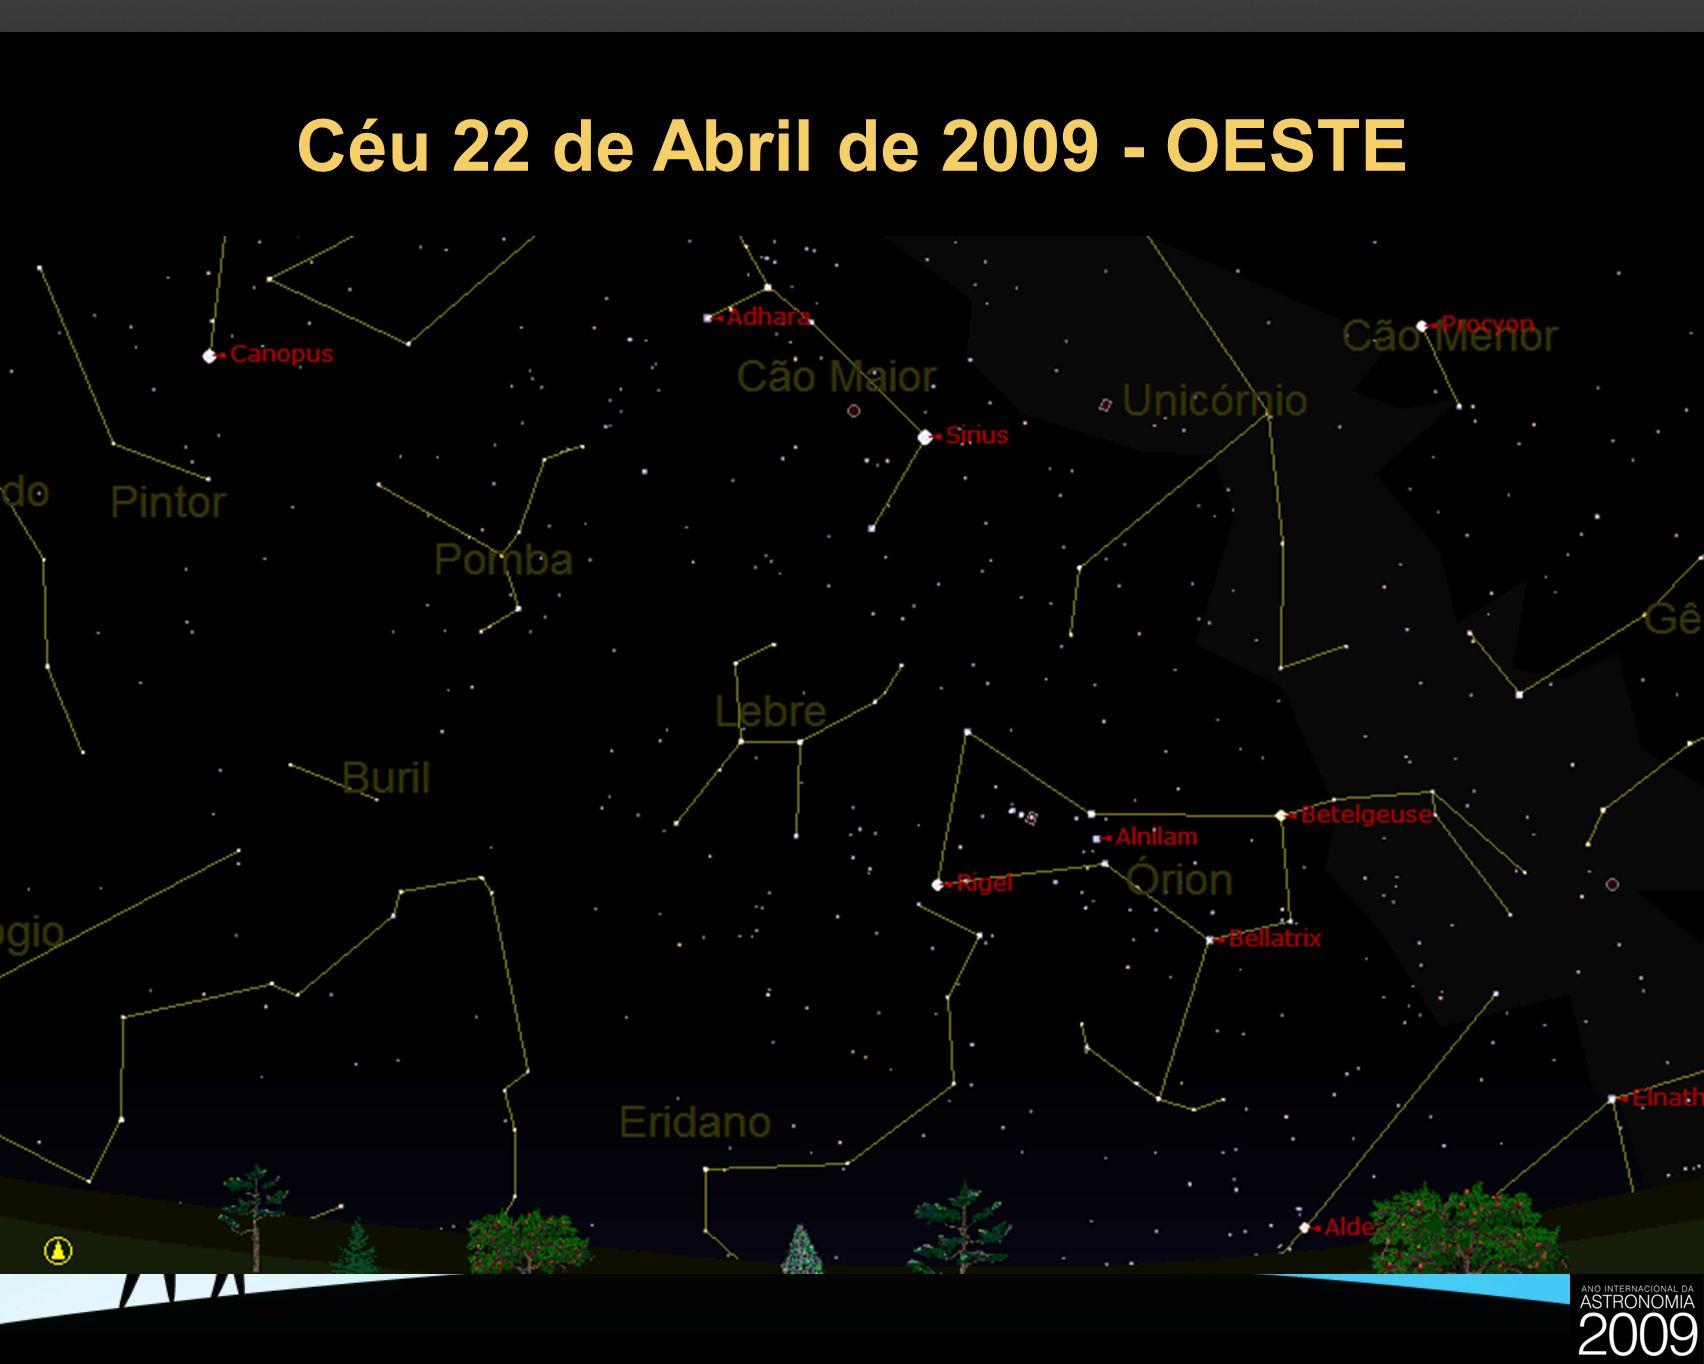 Céu 22 de Abril de 2009 - OESTE 26